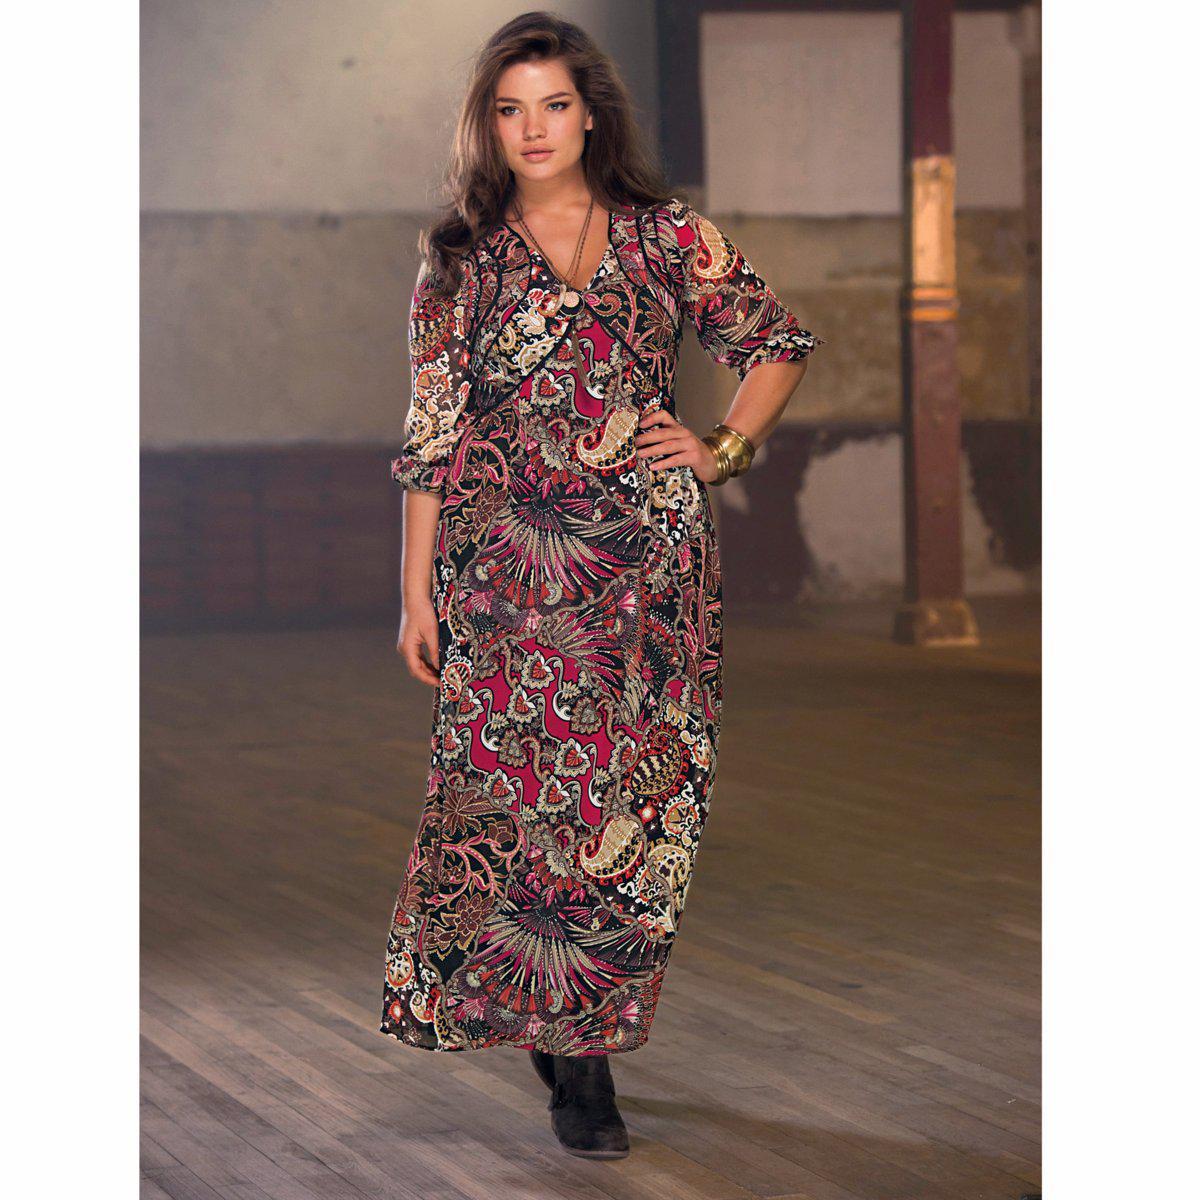 a916aa219d0d Βραδυνα Φορεματα Plus Size Φθινόπωρο 2011 κωδ. 324221104